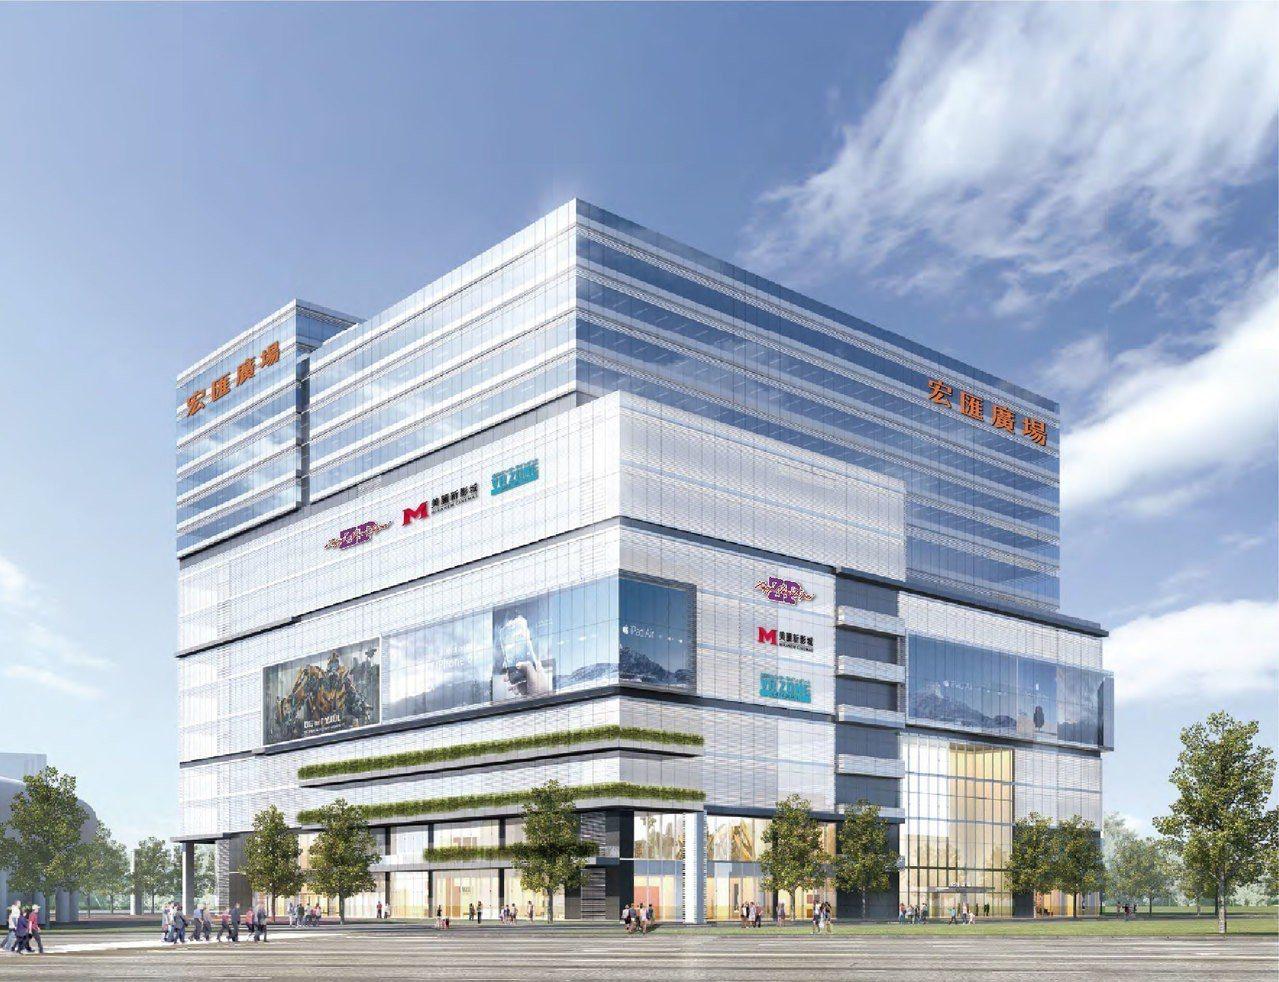 新莊副都心在2020年初春也將迎來宏匯廣場,其營業面積達2.6萬坪,是一個地下7...